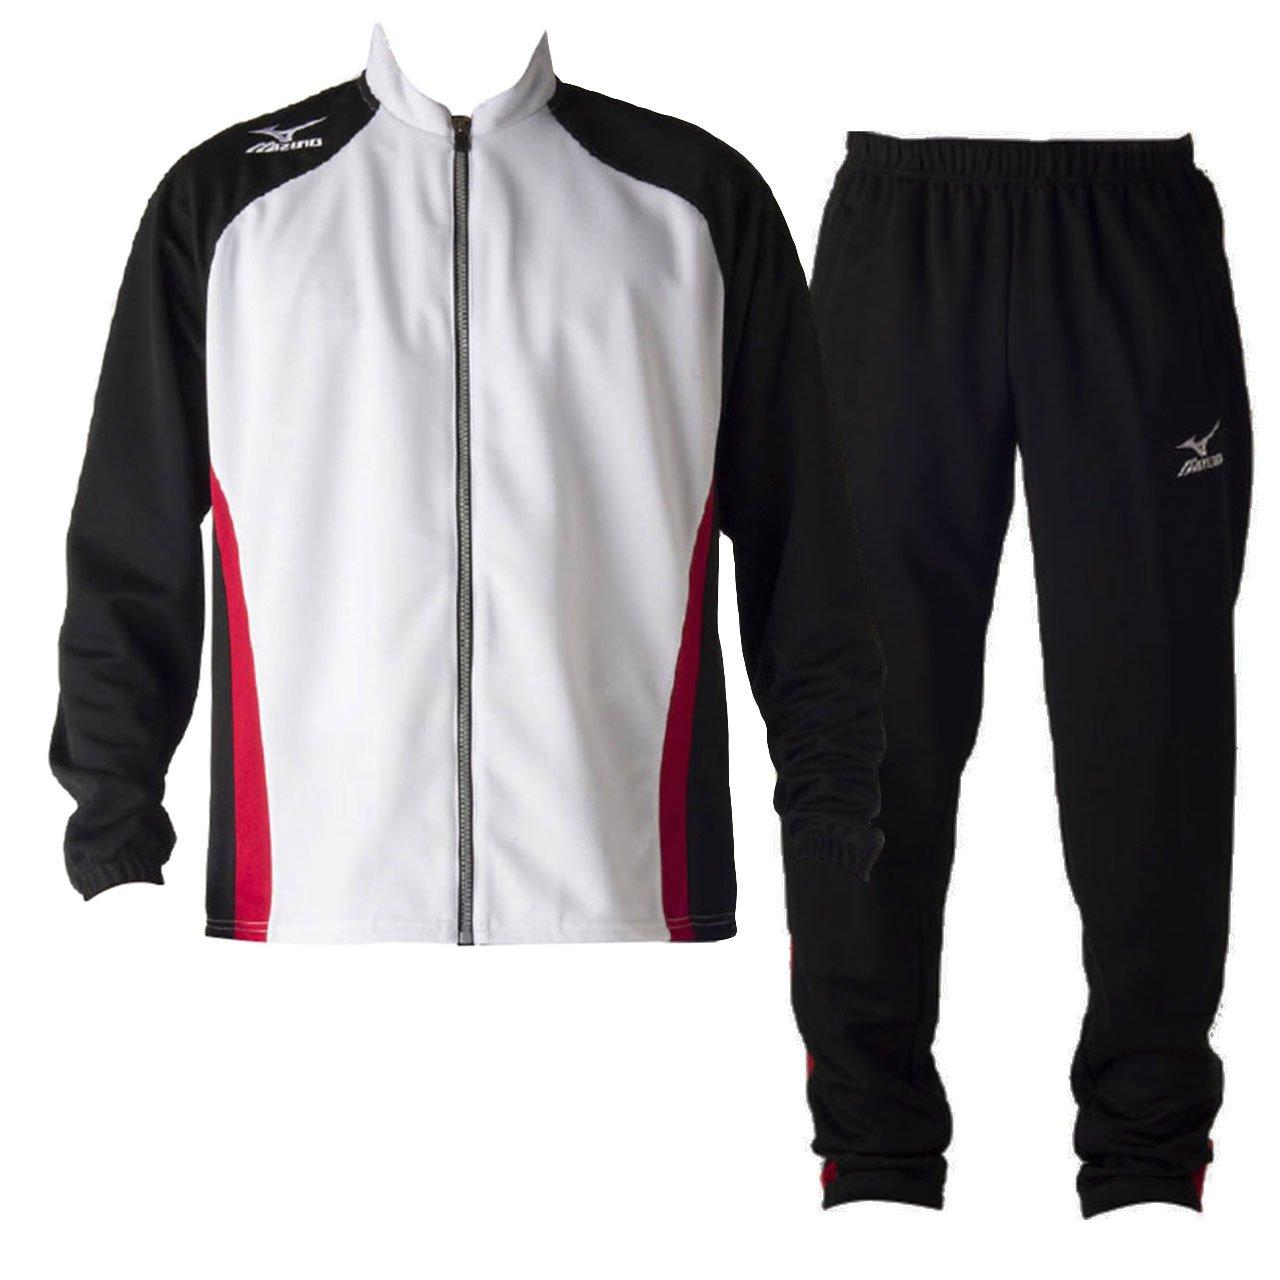 ミズノ(MIZUNO) ウォームアップシャツ&パンツ 上下セット(ホワイトブラック/ブラック) U2MC7050-79-U2MD7050-09 2XL ホワイト×ブラック×ブラック B06XCH34PS